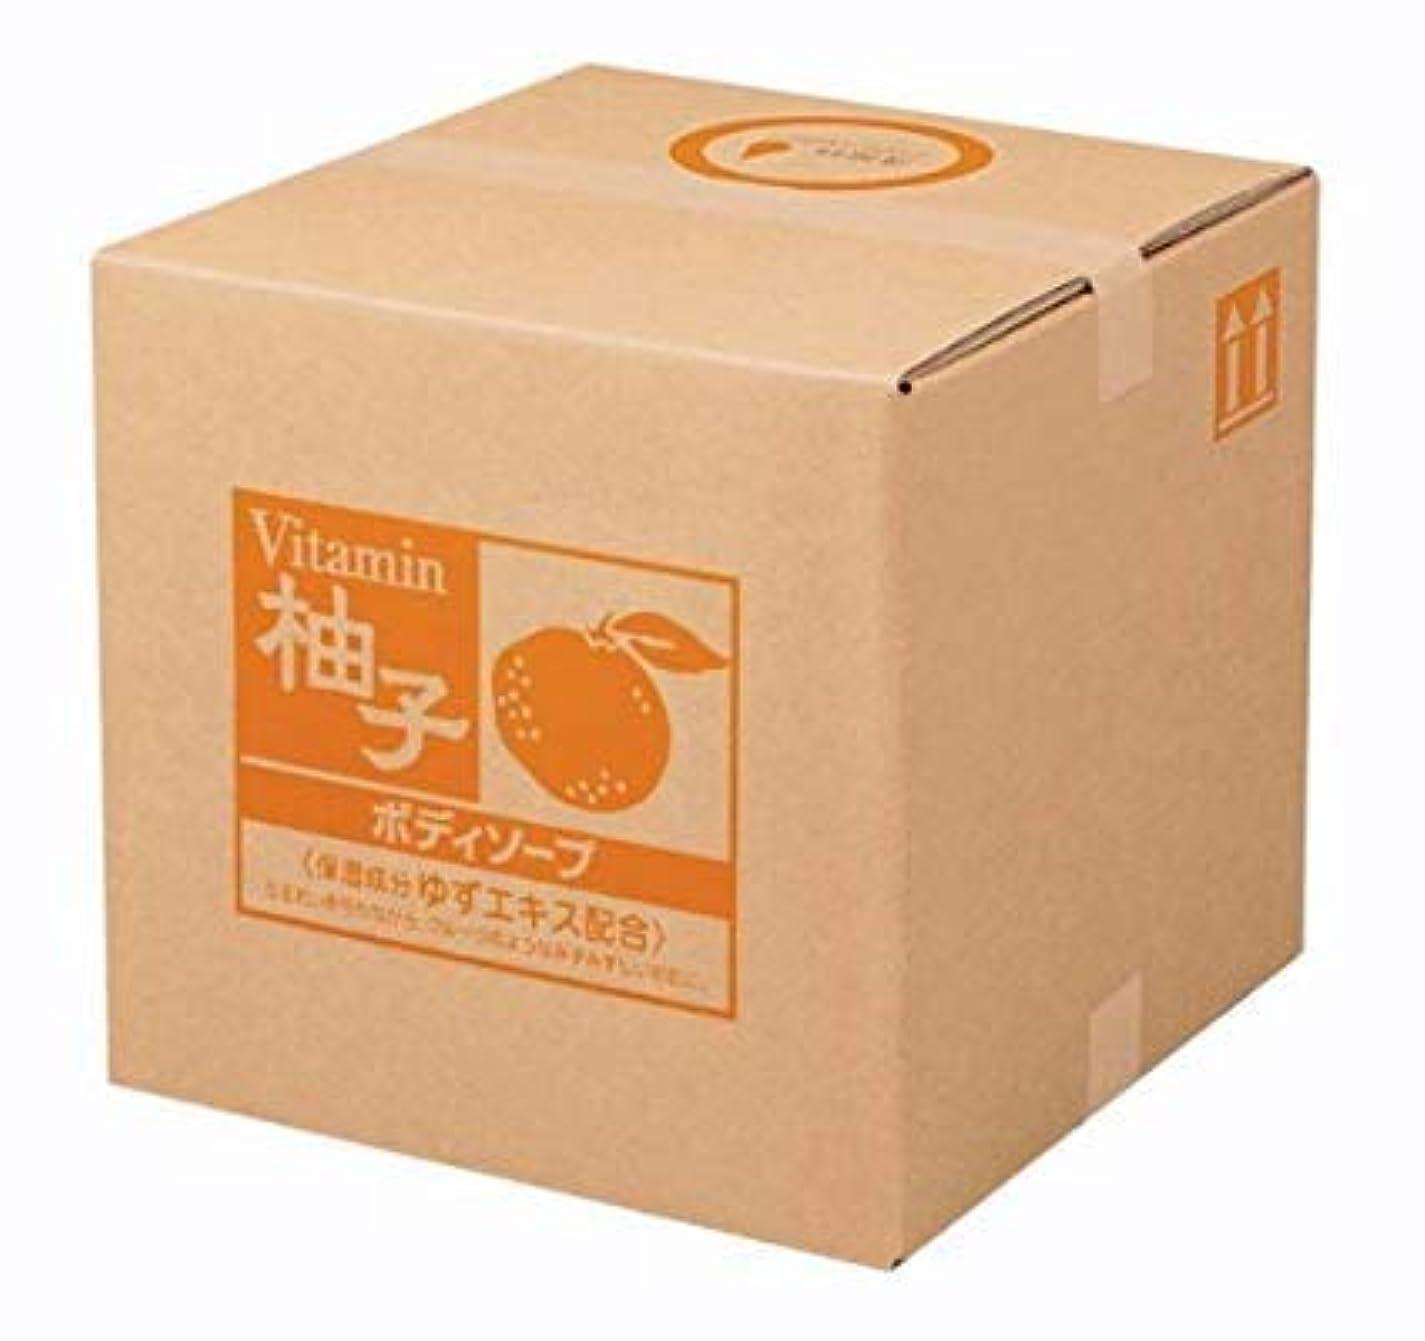 弓バケットネックレス業務用 SCRITT(スクリット) 柚子 ボディソープ 18L 熊野油脂 (コック無し)